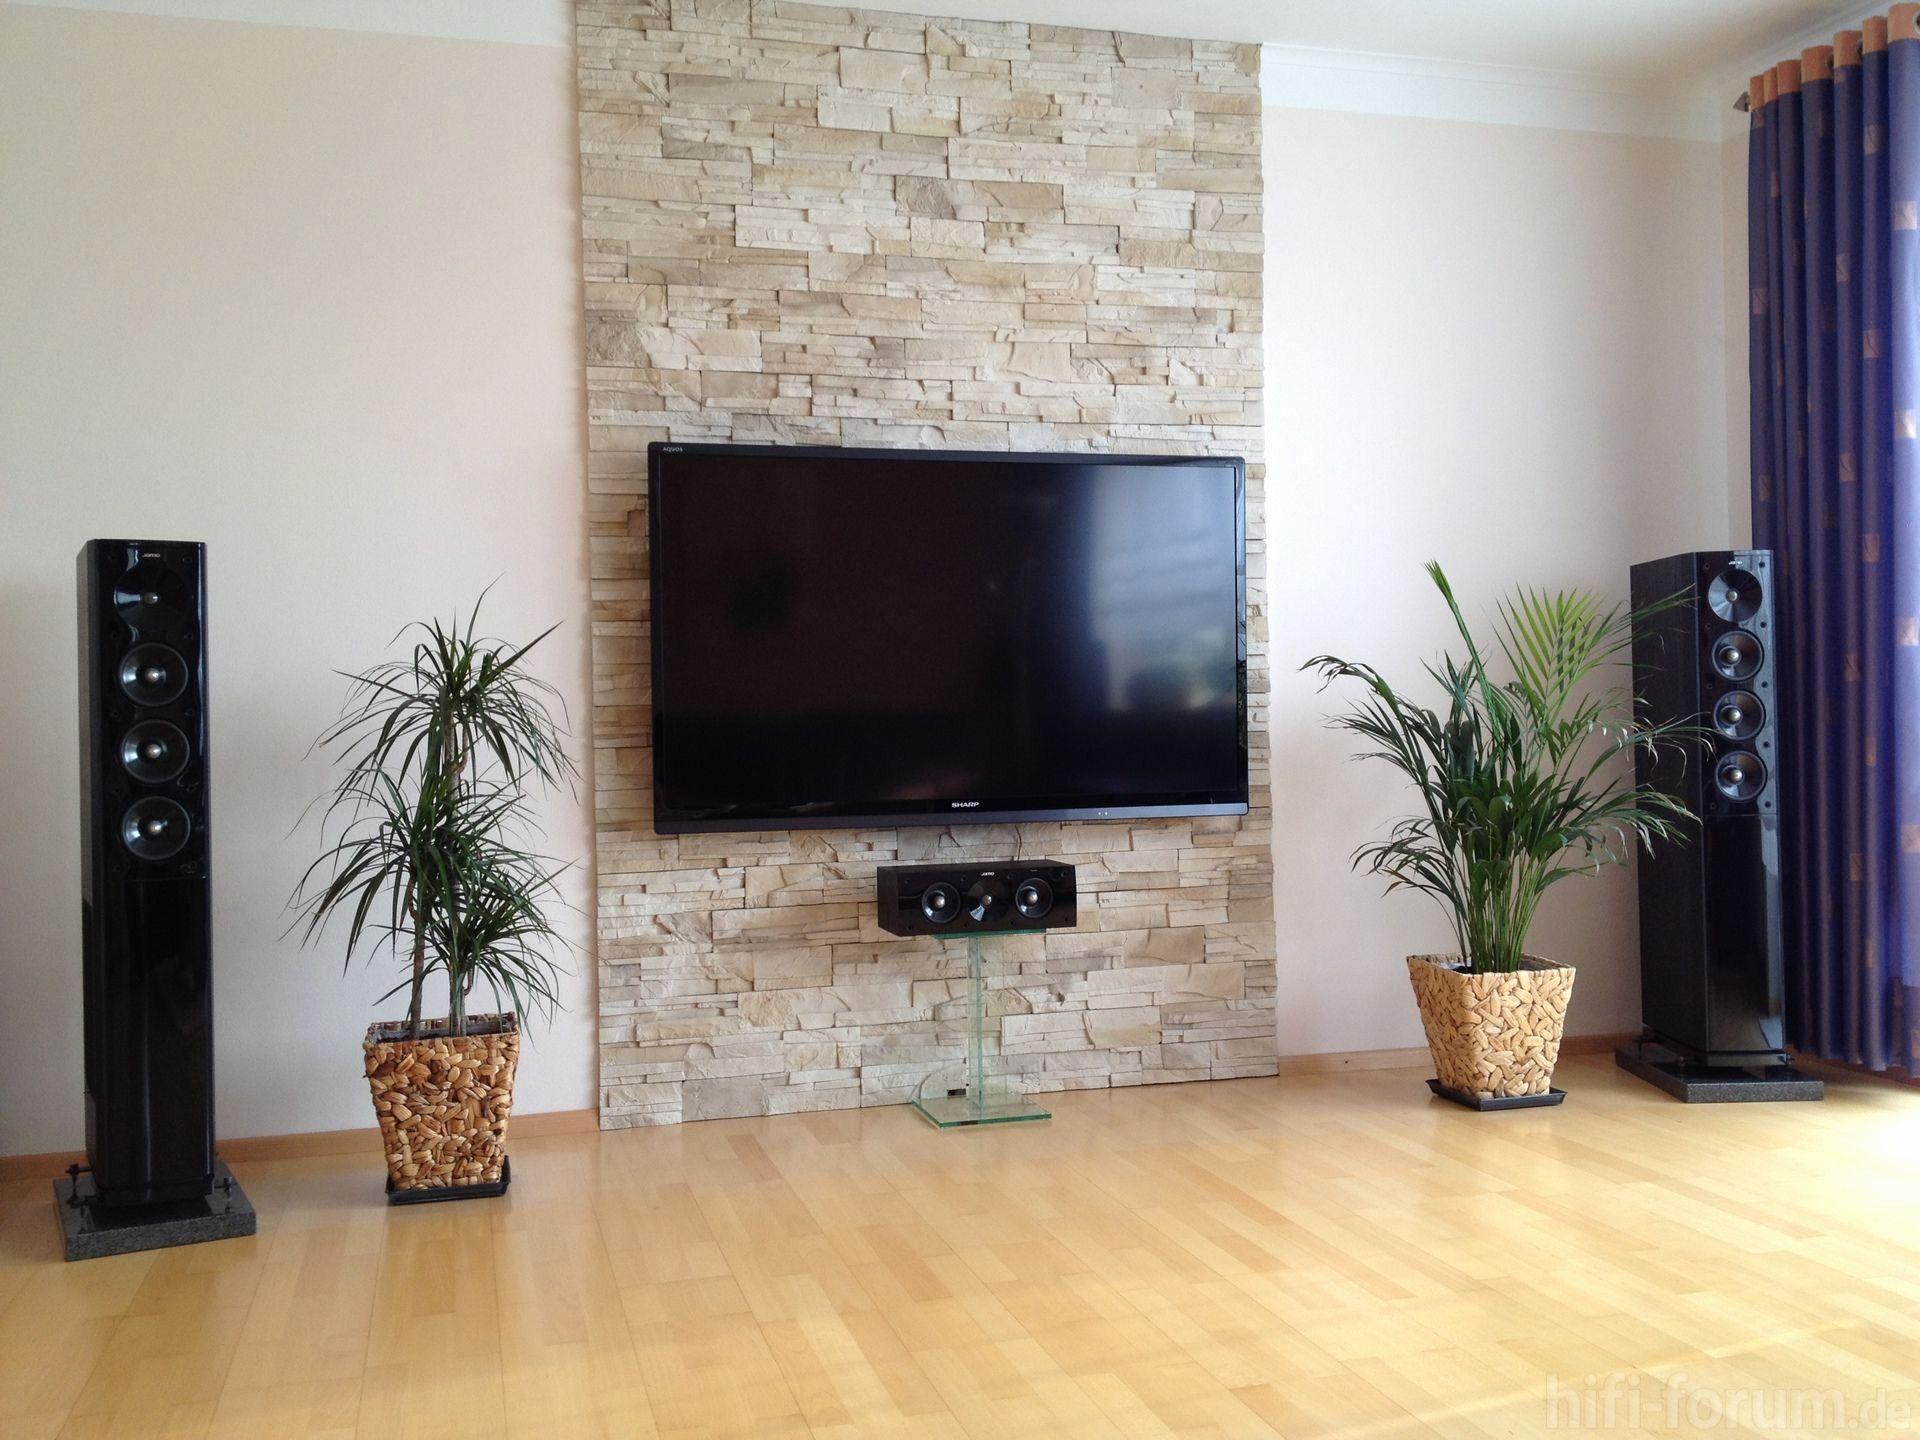 Konzept 43 Zum Fernsehwand Selber Bauen Steinwand Wohnzimmer Wohnzimmerwand Dekoideen Wohnzimmer